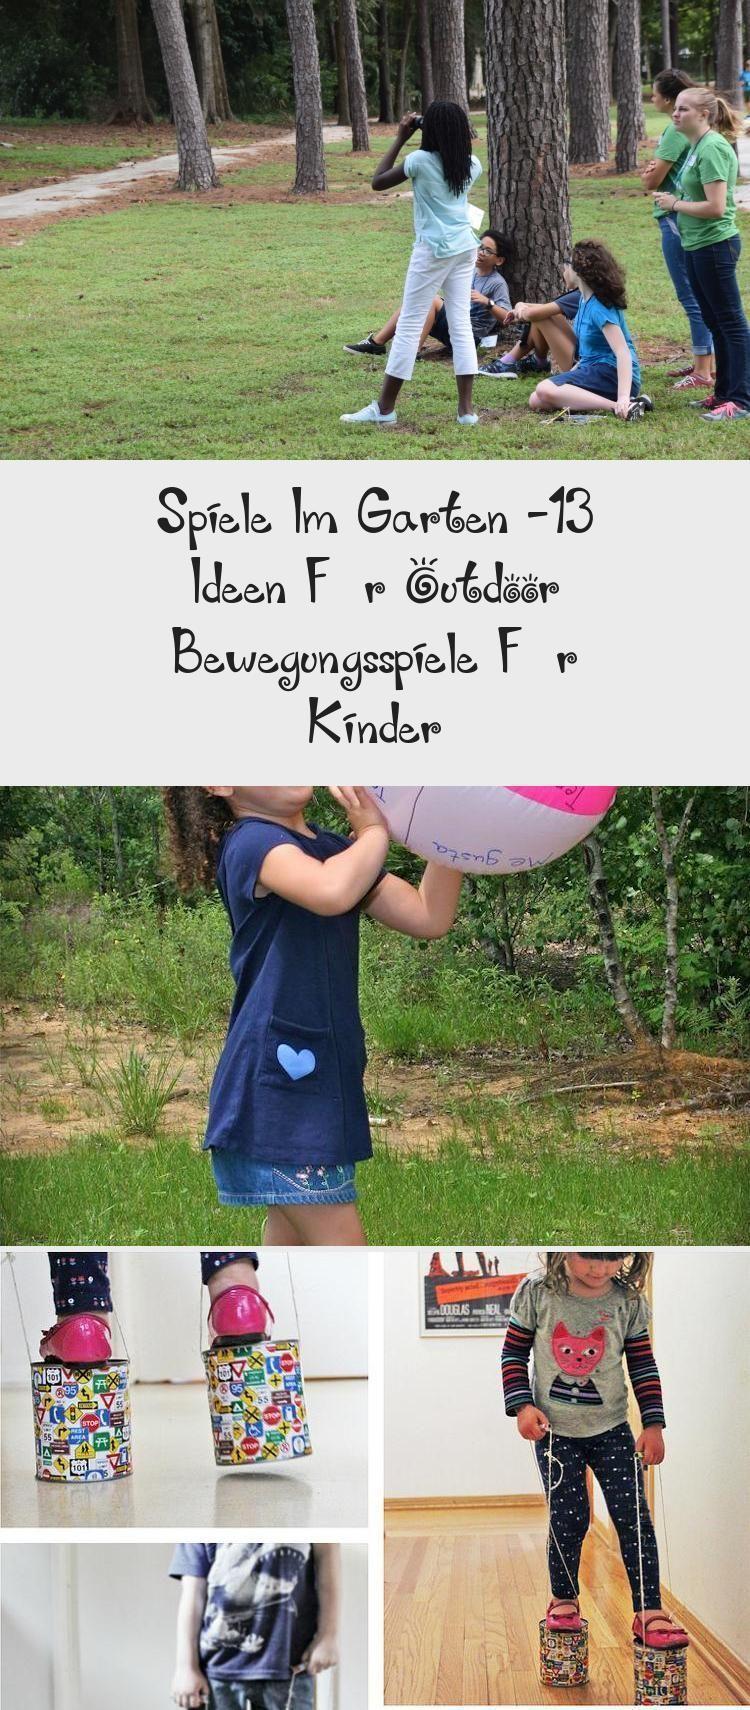 Spiele Im Garten 13 Ideen Für Outdoor Übungsspiele Für Kinder Sandbox Sports Skateboard Baseball Cards